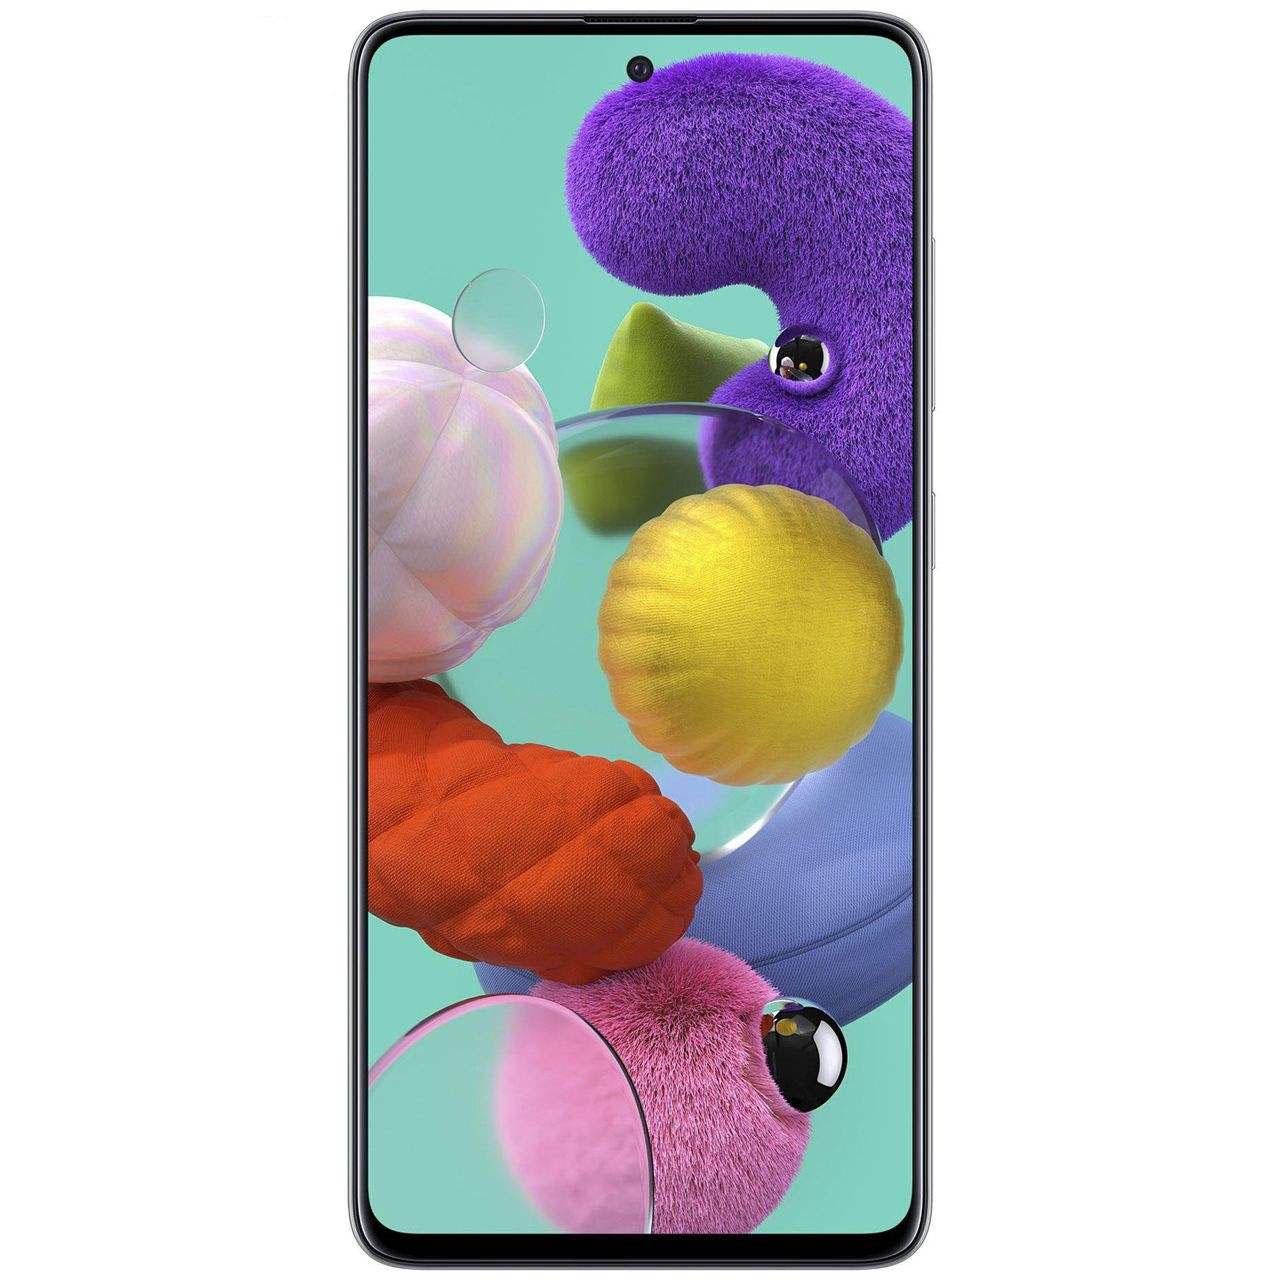 گوشی موبایل سامسونگ مدل Galaxy A51 دو سیم کارت ظرفیت ۱۲۸گیگابایت